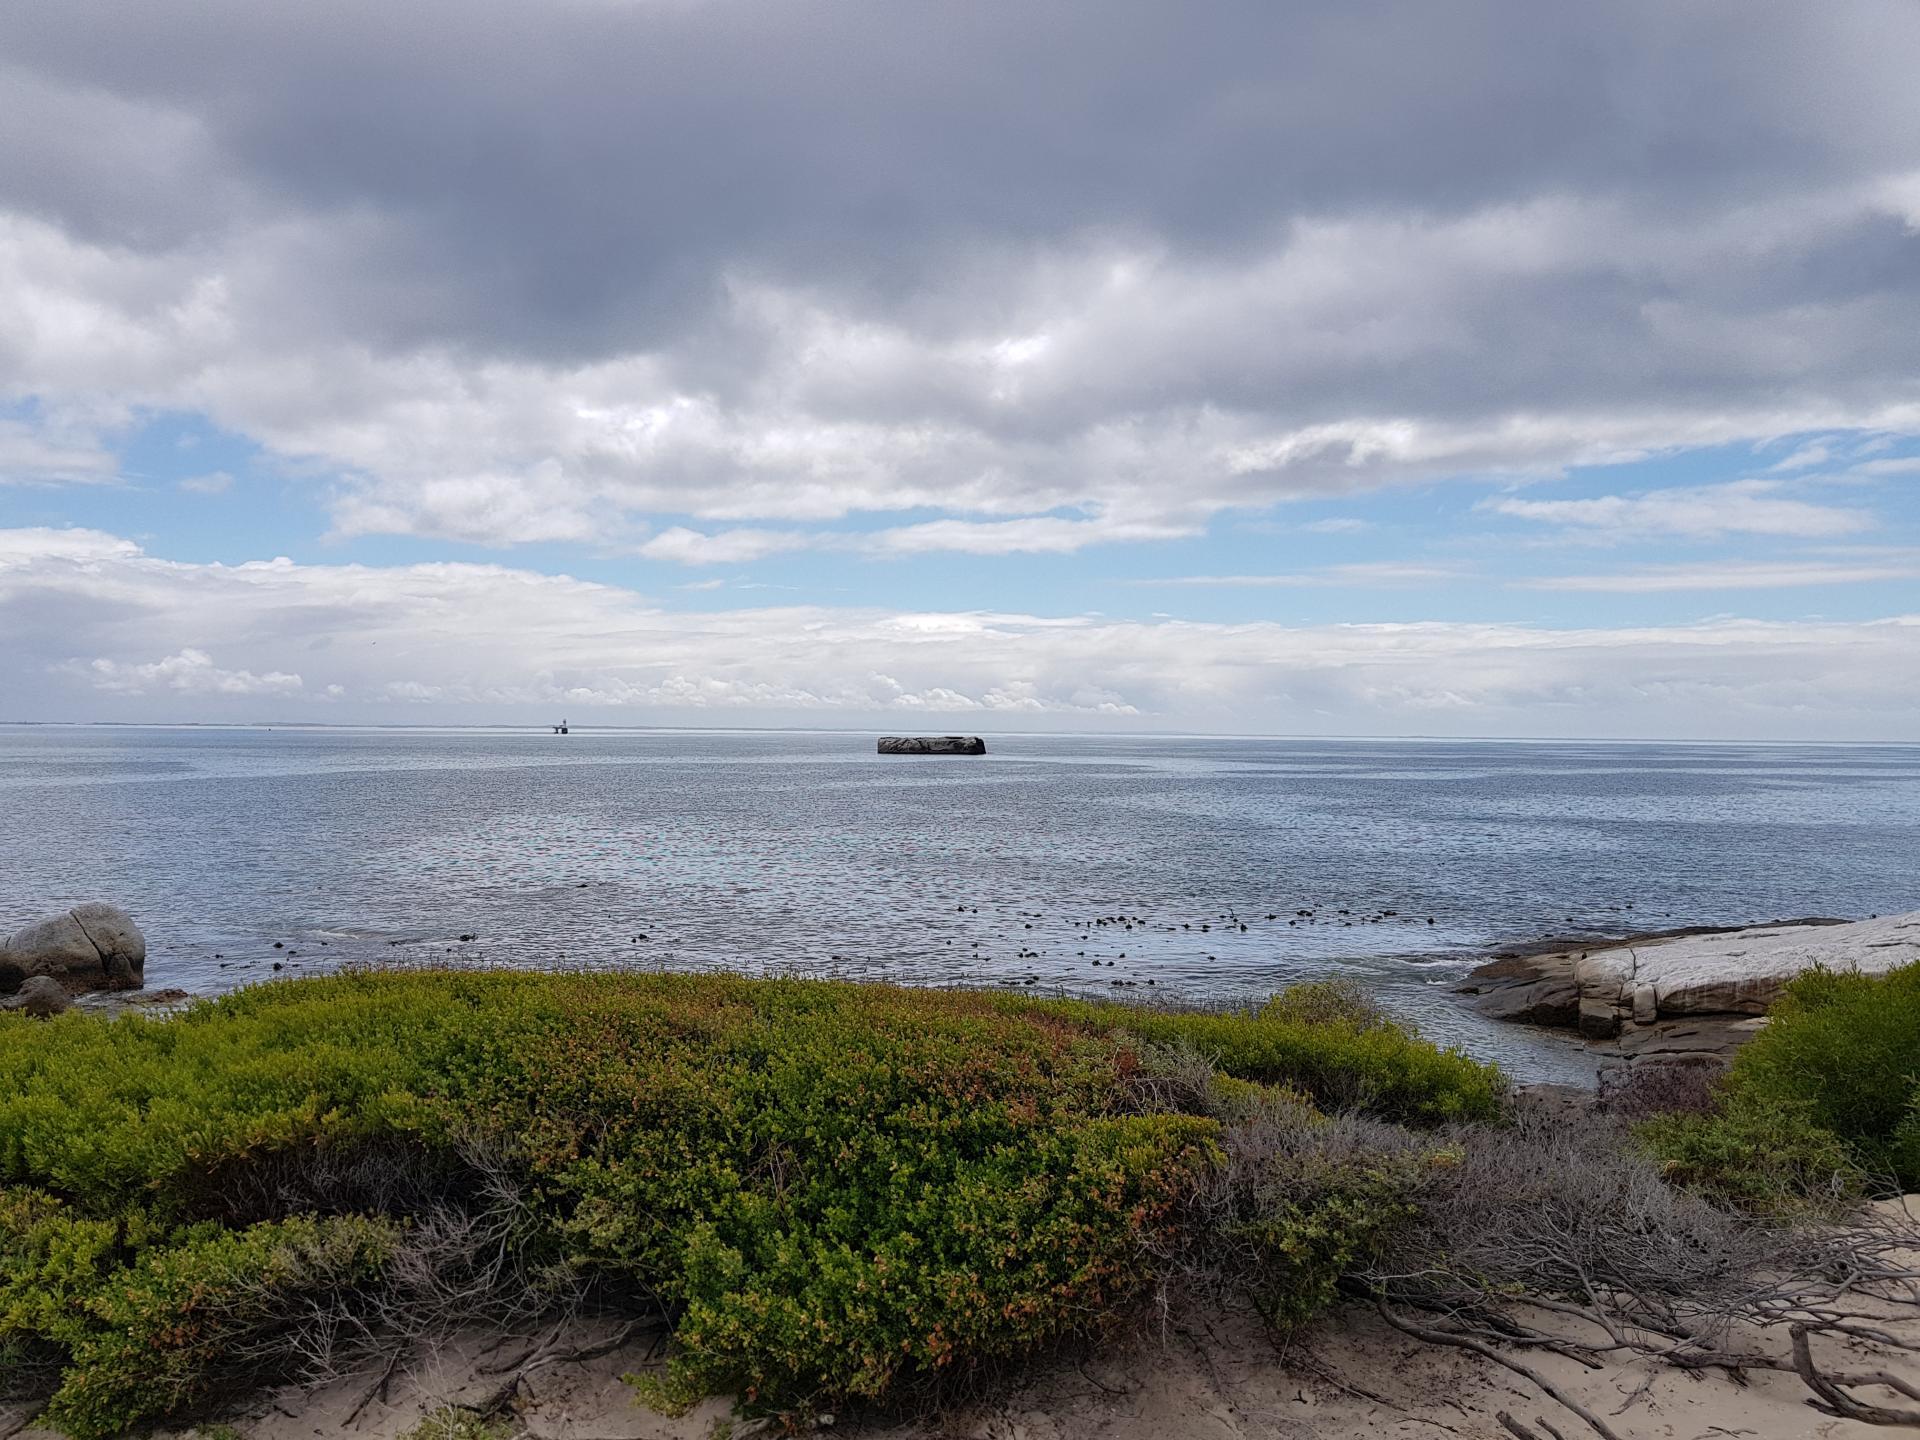 вид на океан с пляжа Болдерс-Бич